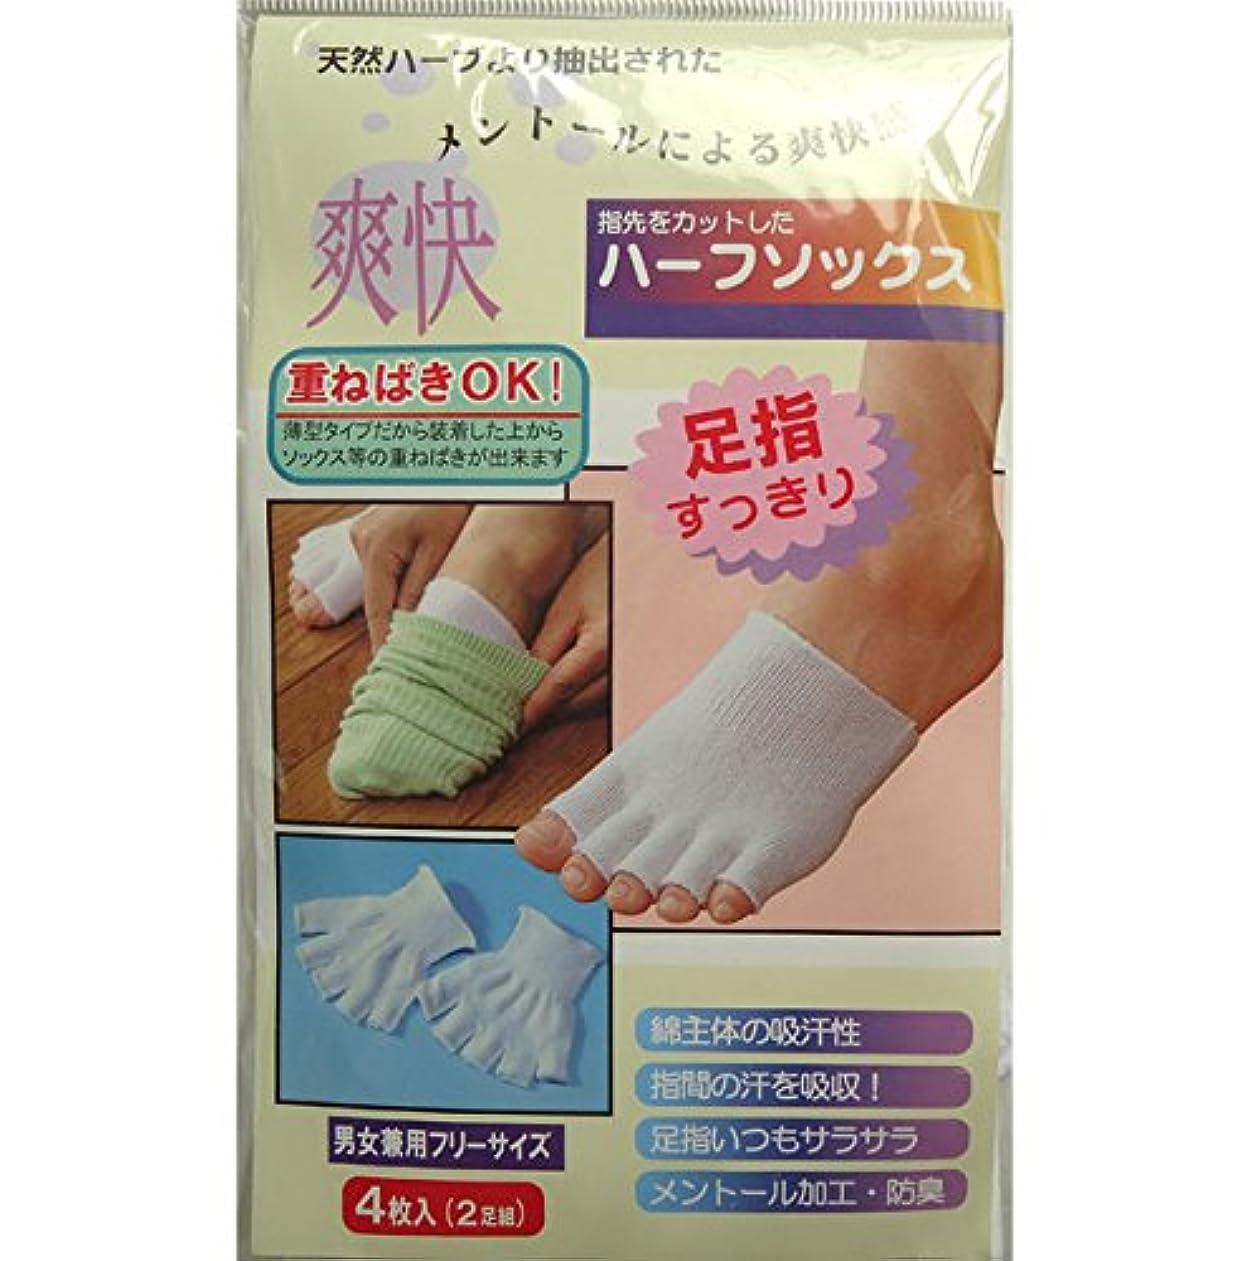 うるさい接地ヘッドレス日本製 ハーフソックス 5本指 綿 抗菌防臭 メンズ レディースお買得2足組(ホワイト)